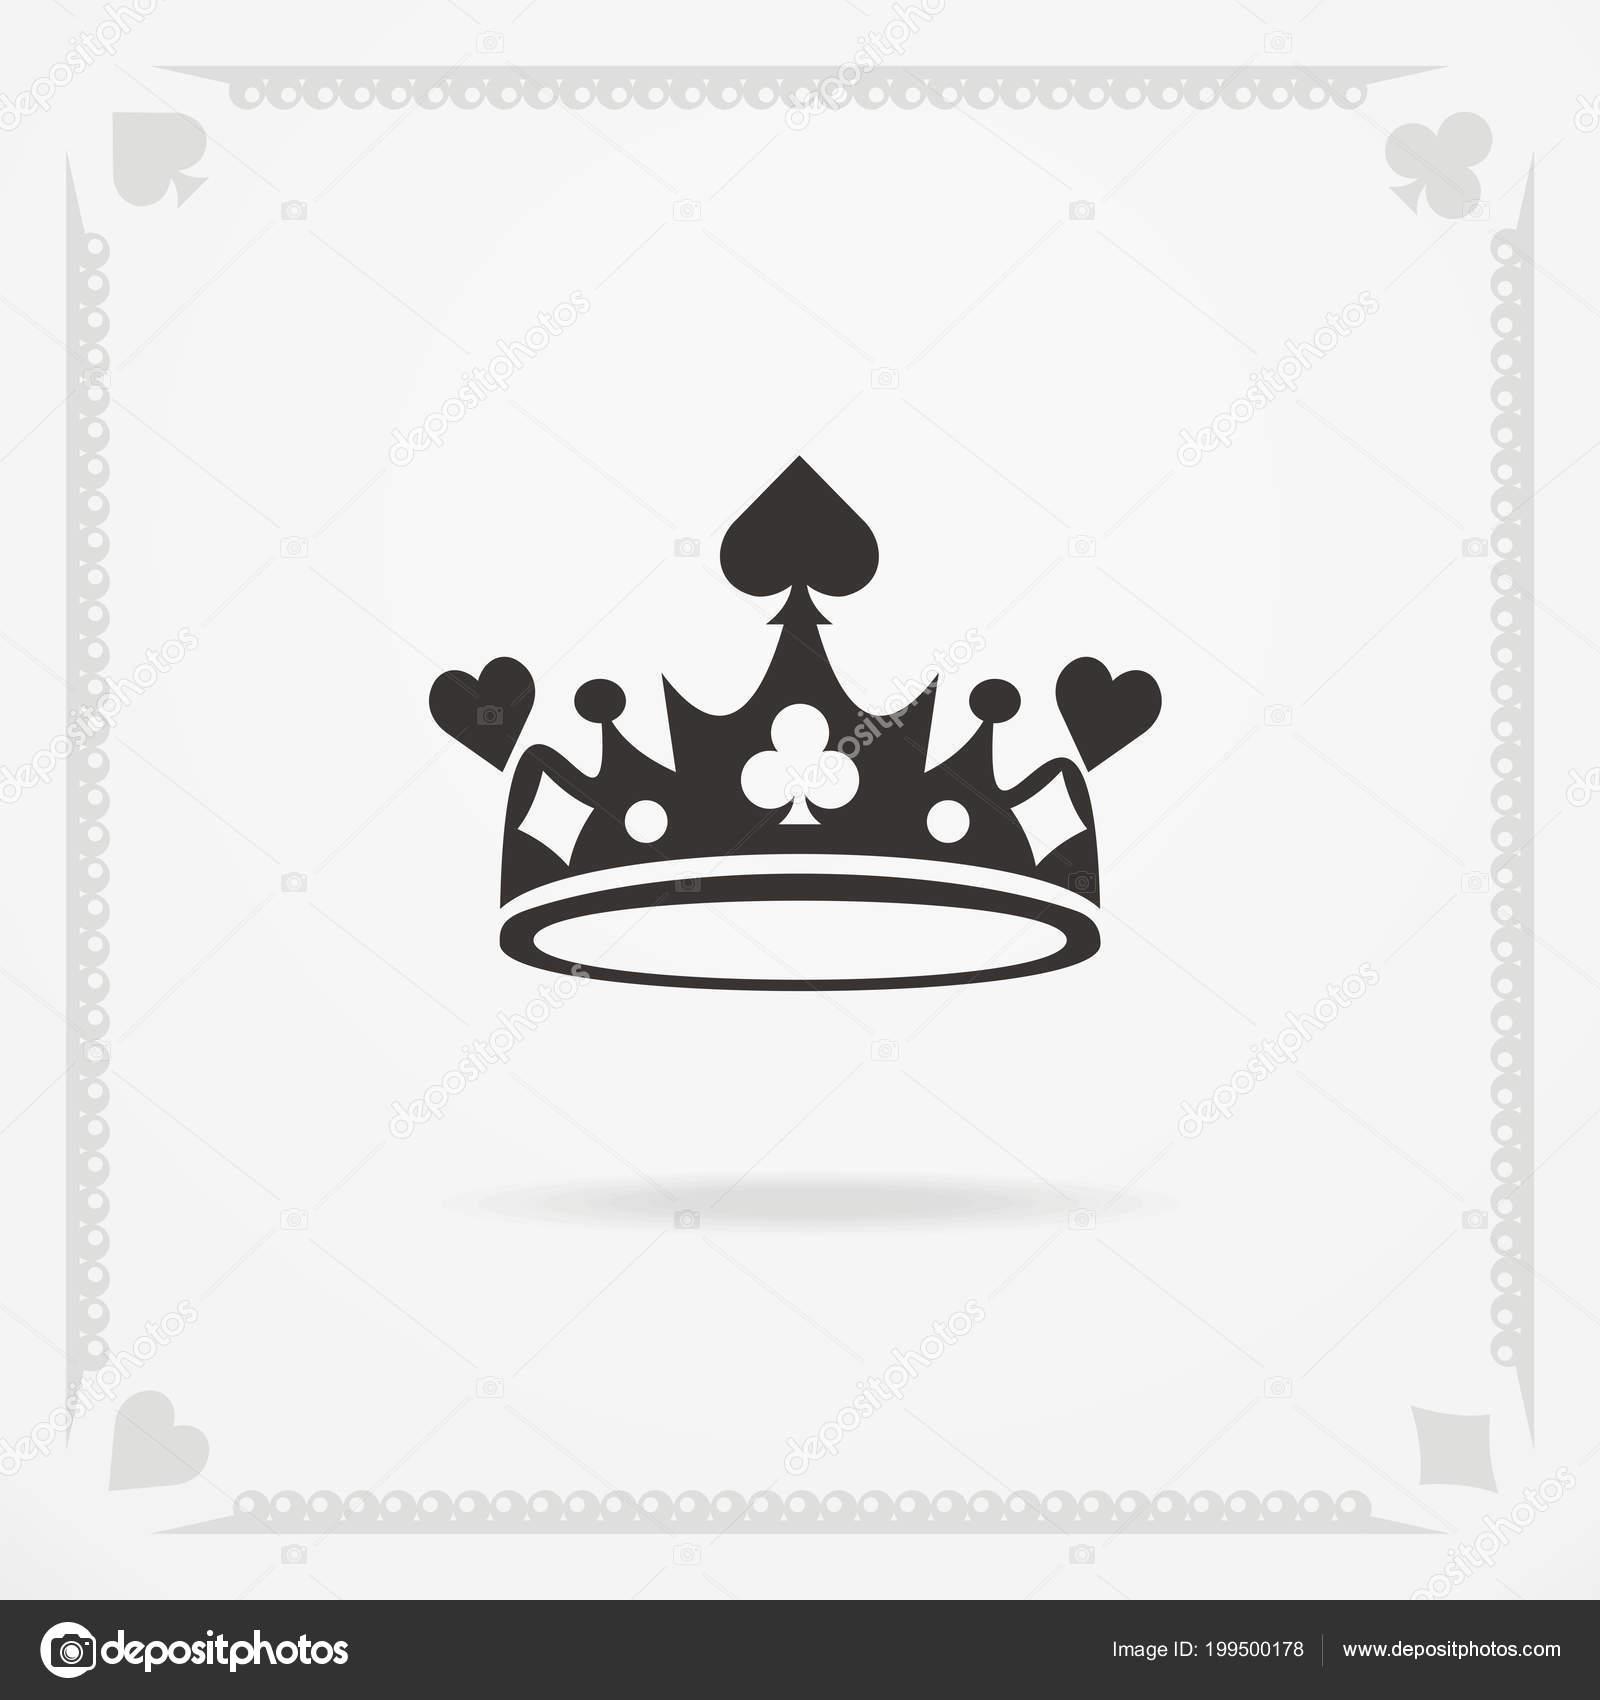 Símbolo de la corona de rey — Vector de stock © fontgraf #199500178